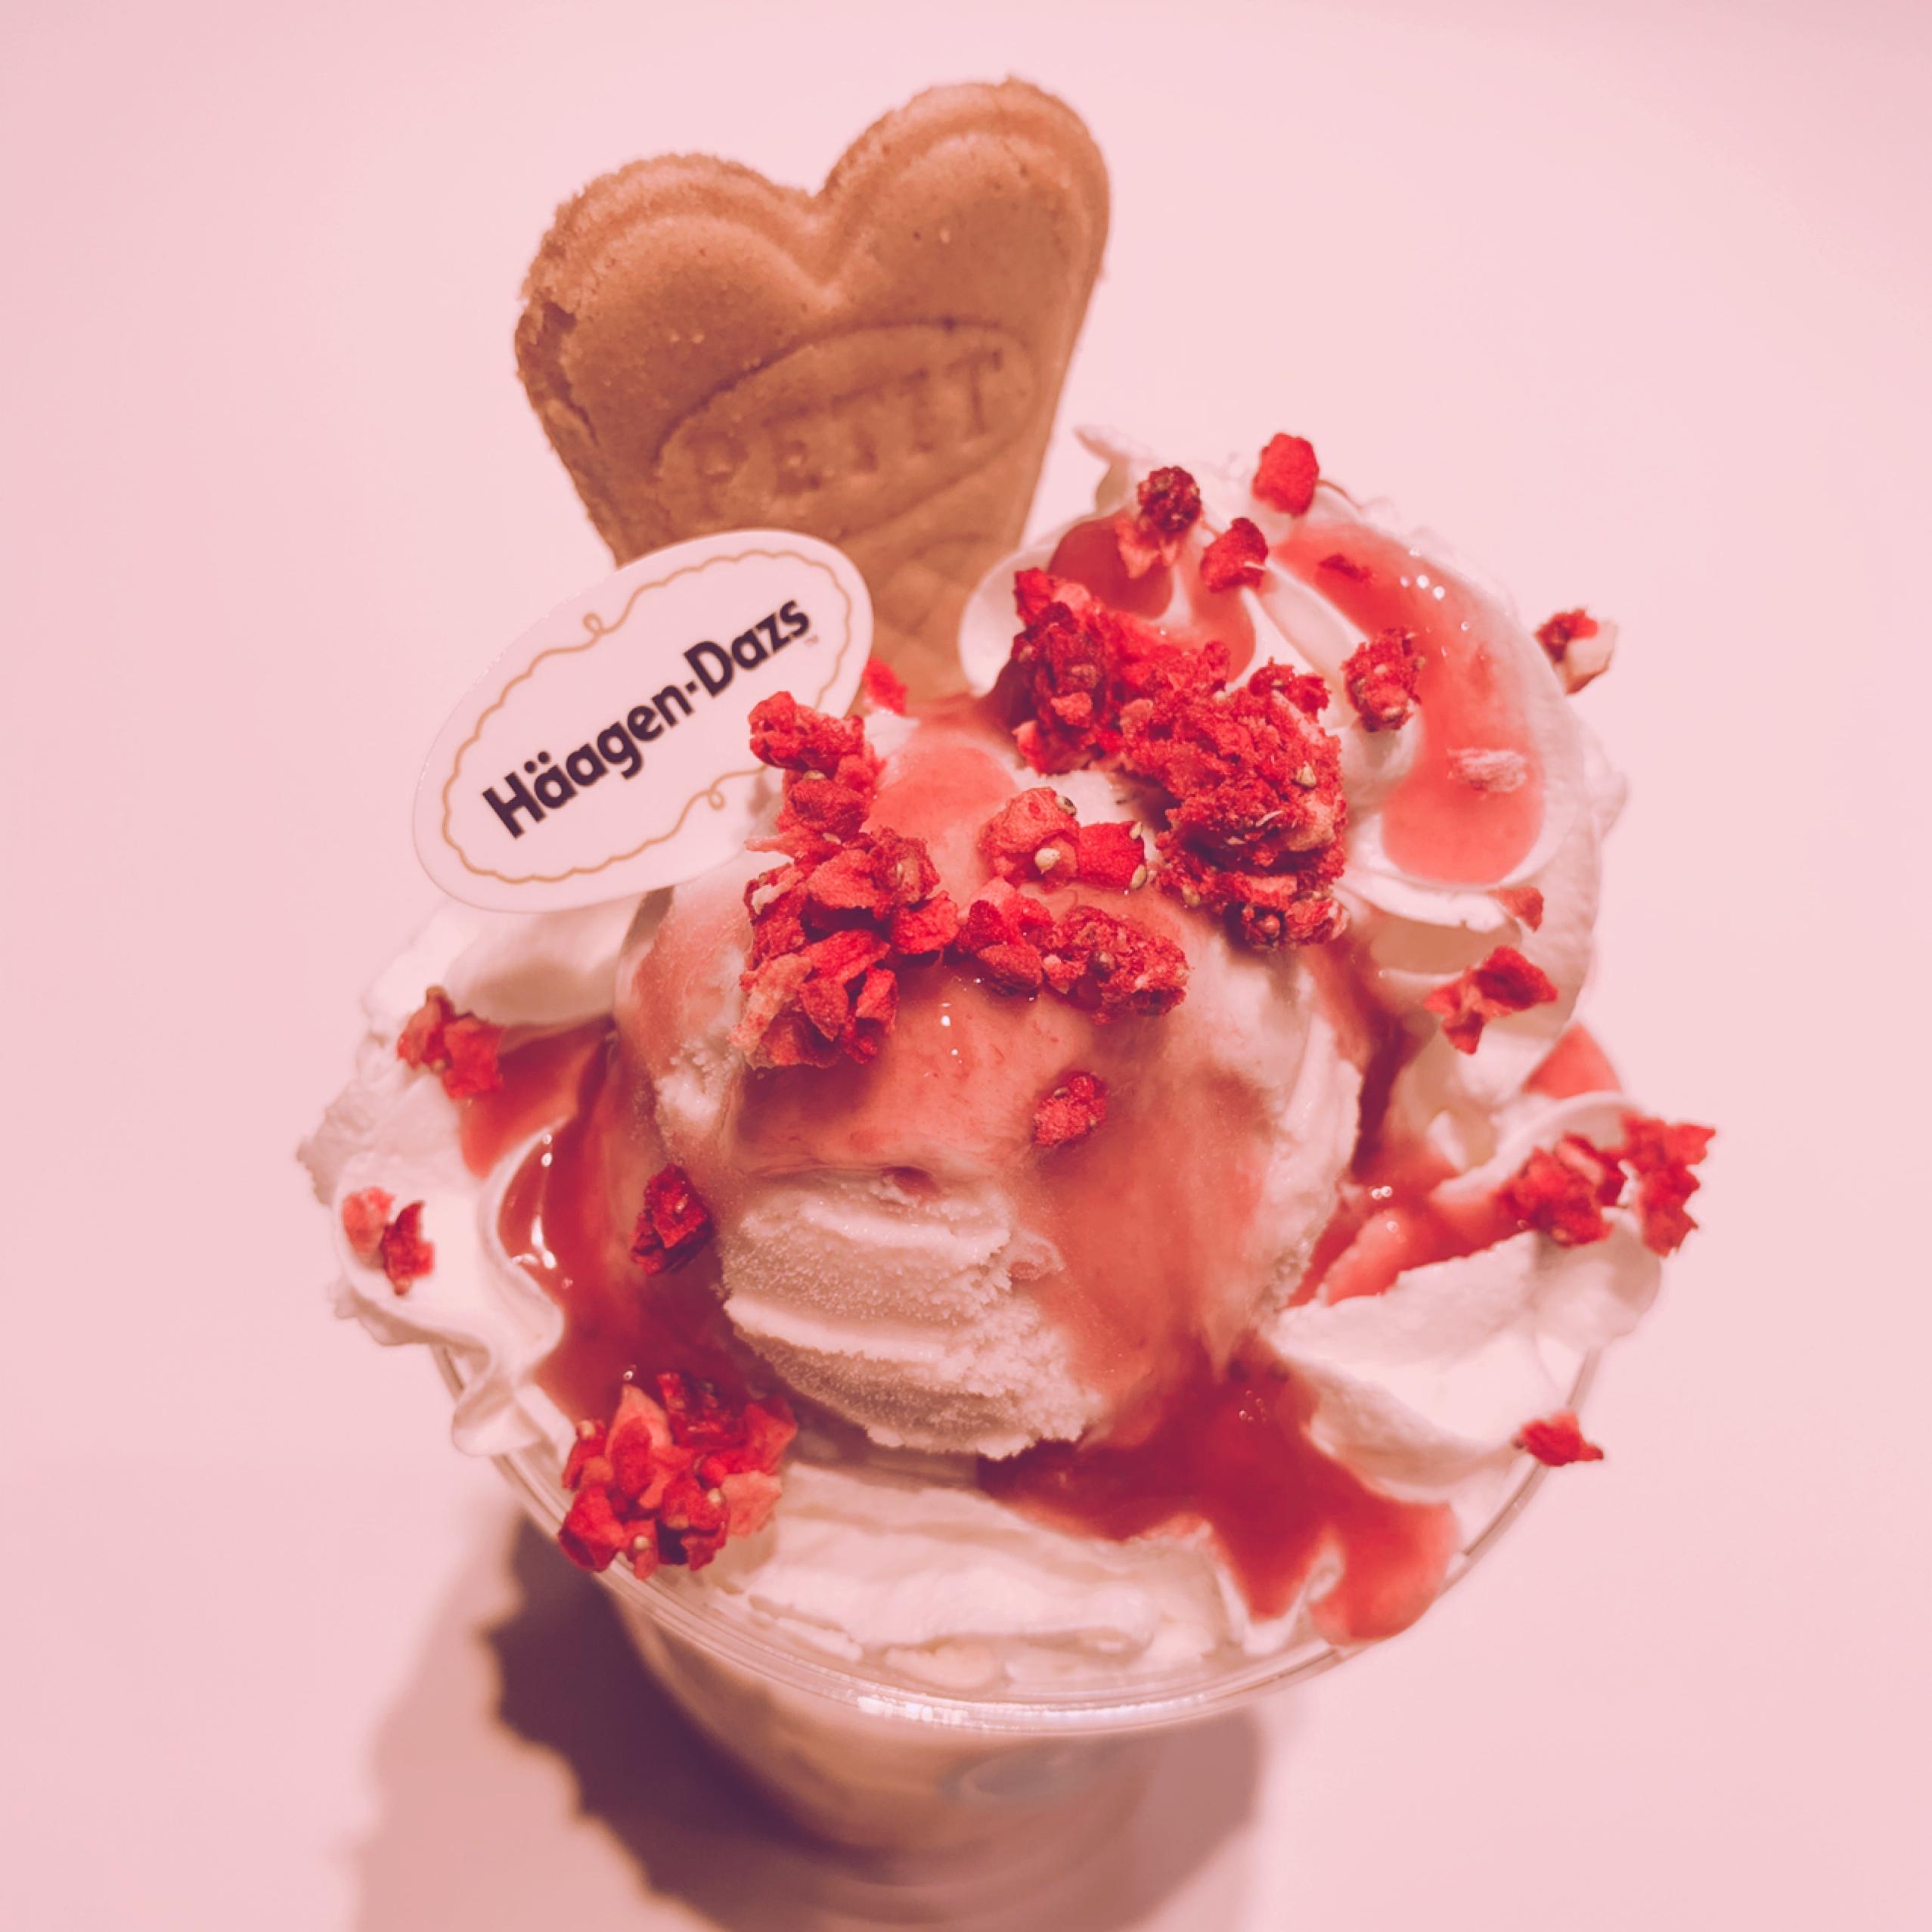 《ご当地MORE✩東京》絶対食べたい❤️店舗!【LOLA'S Cupcakes】×ハーゲンダッツのカップケーキサンデーが可愛すぎる☻_3